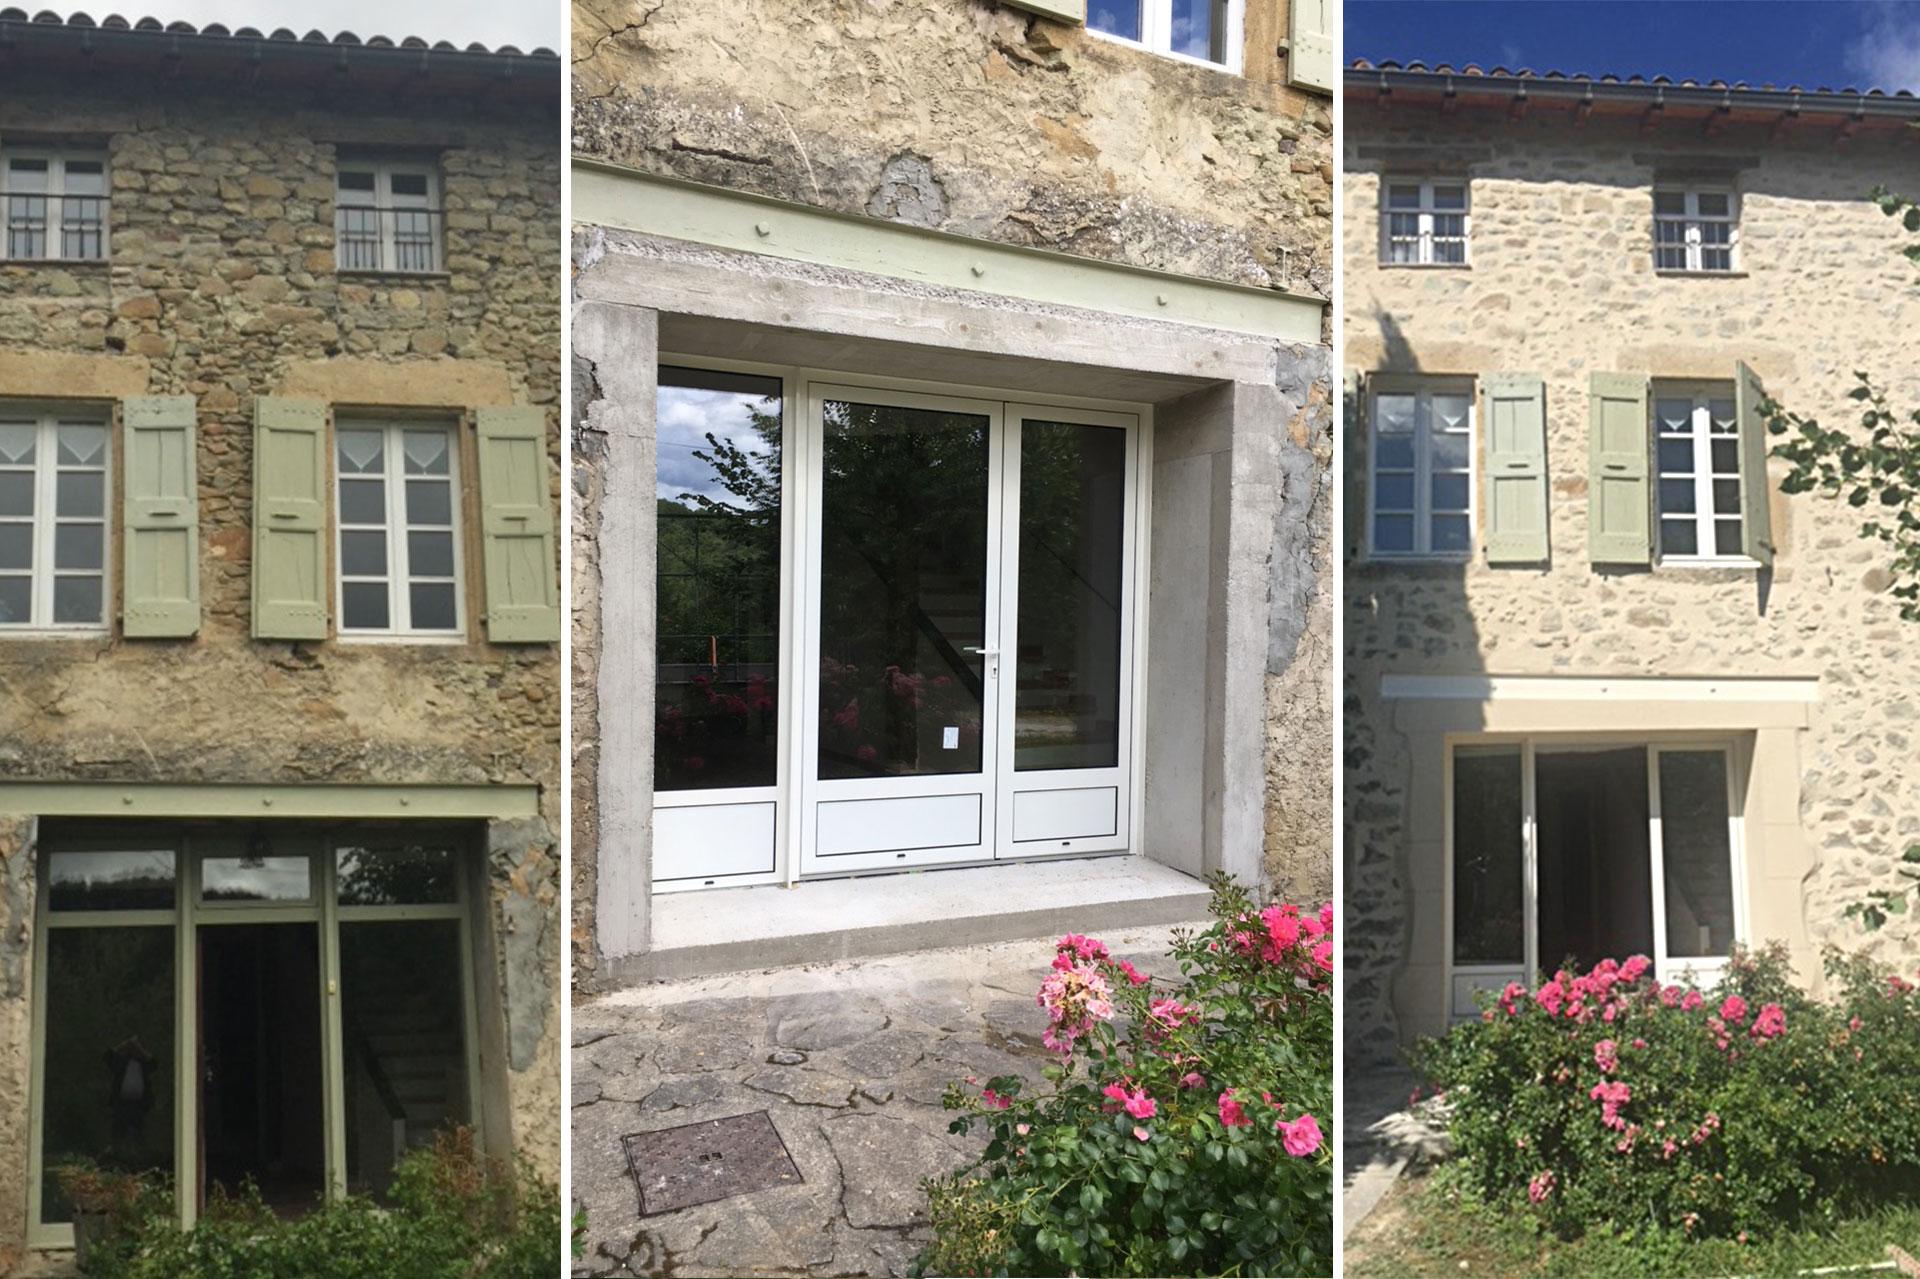 Rénovation : partielle avec renforcement d'ouverture, changement de menuiserie et réfection façade. Chantier à Piégros la Clastre.